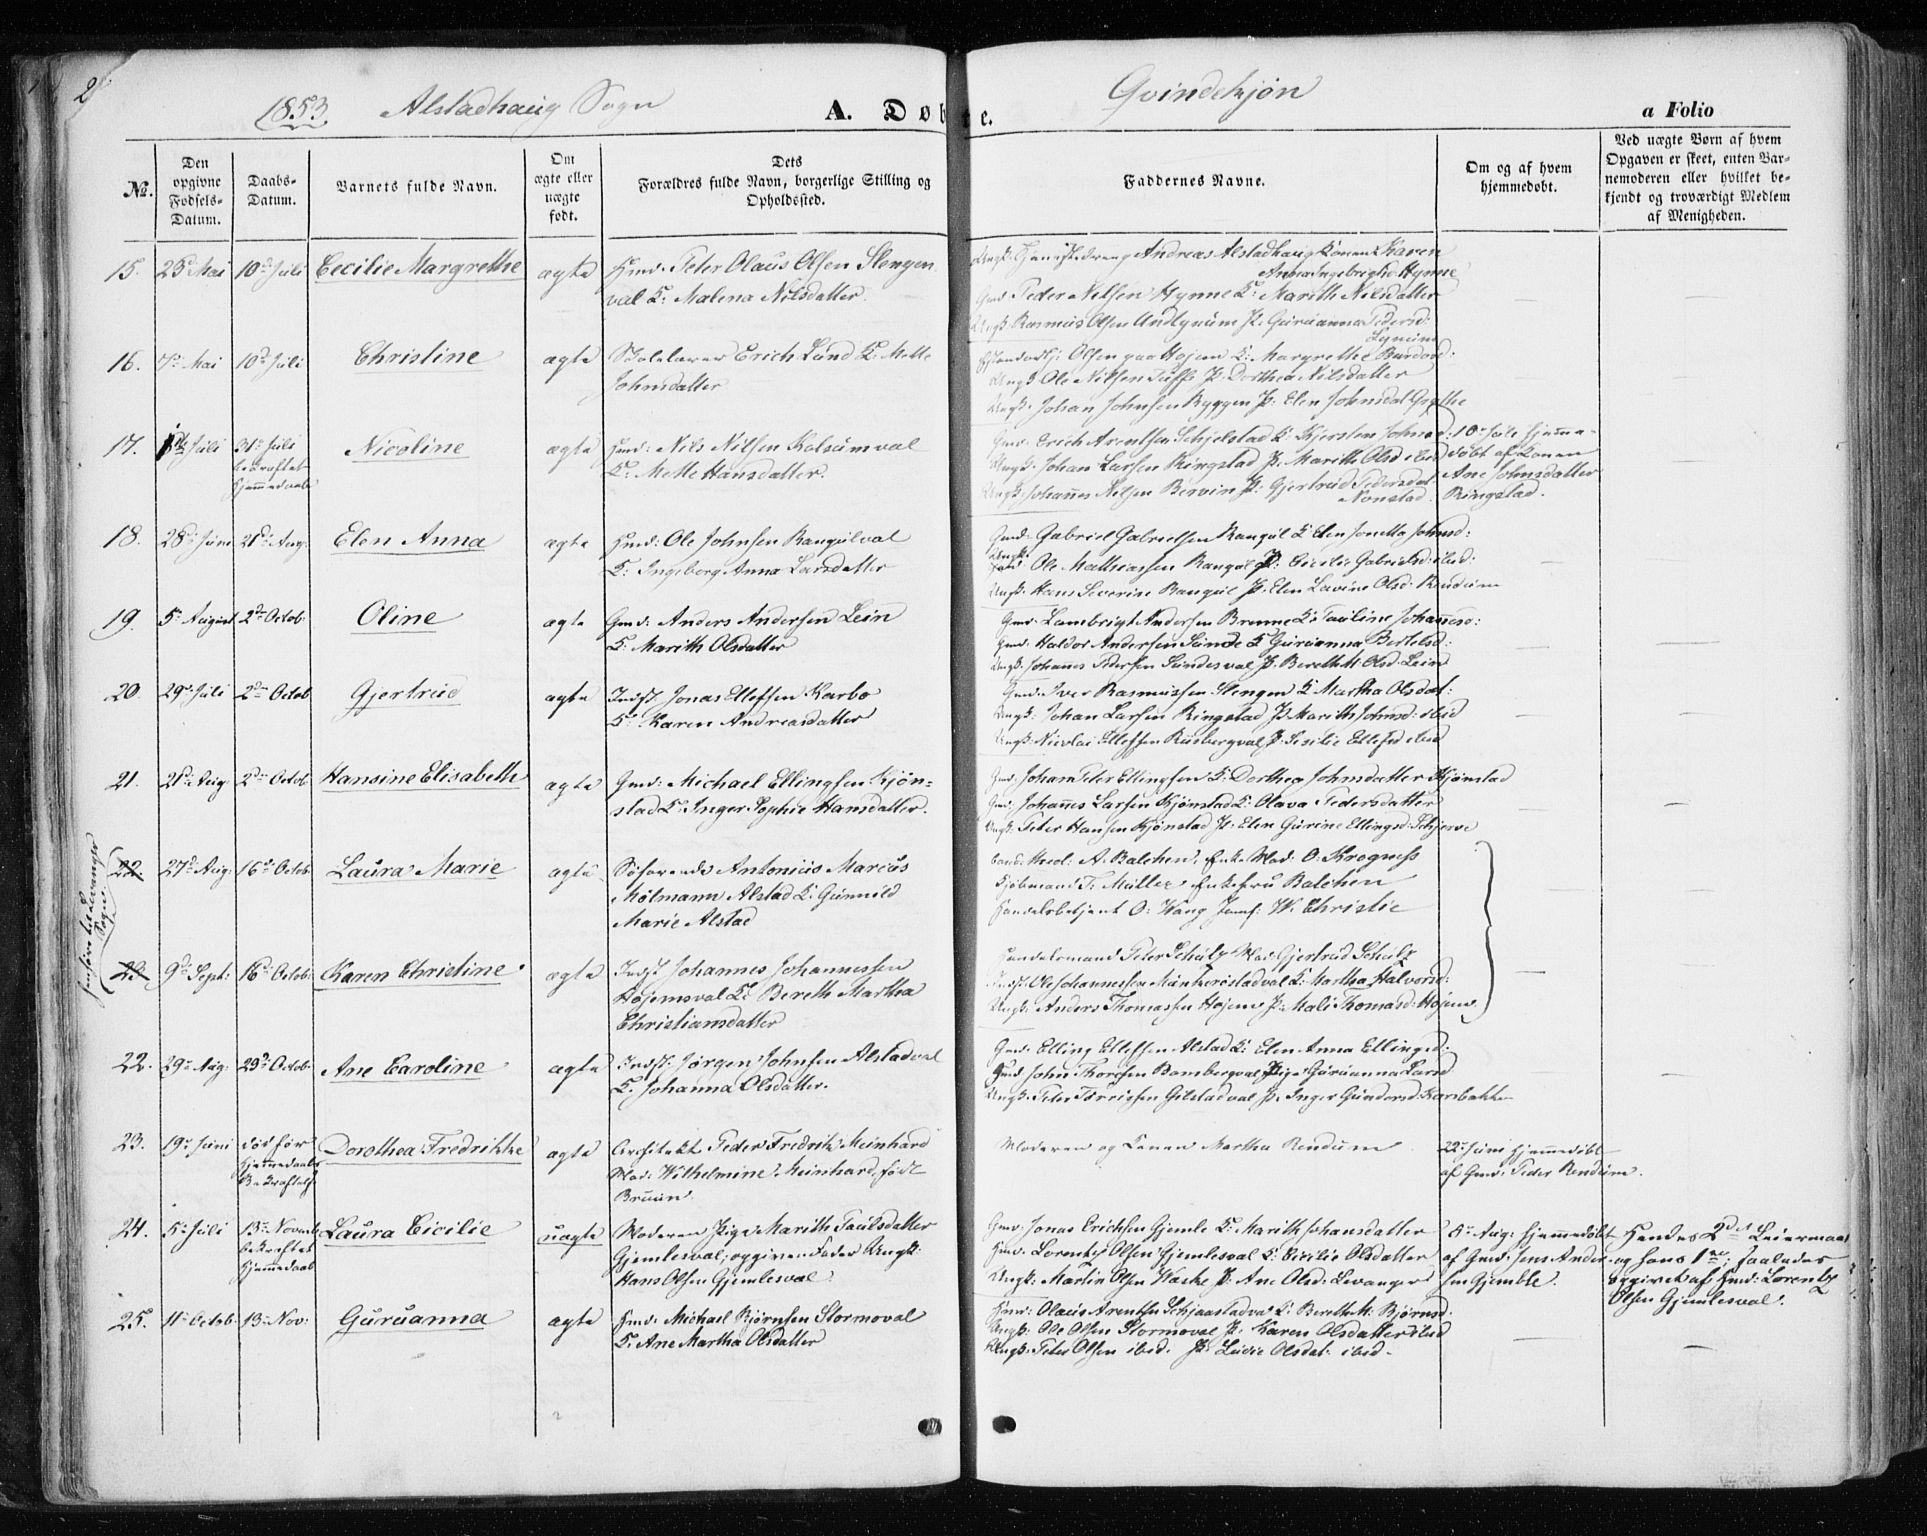 SAT, Ministerialprotokoller, klokkerbøker og fødselsregistre - Nord-Trøndelag, 717/L0154: Ministerialbok nr. 717A07 /1, 1850-1862, s. 23